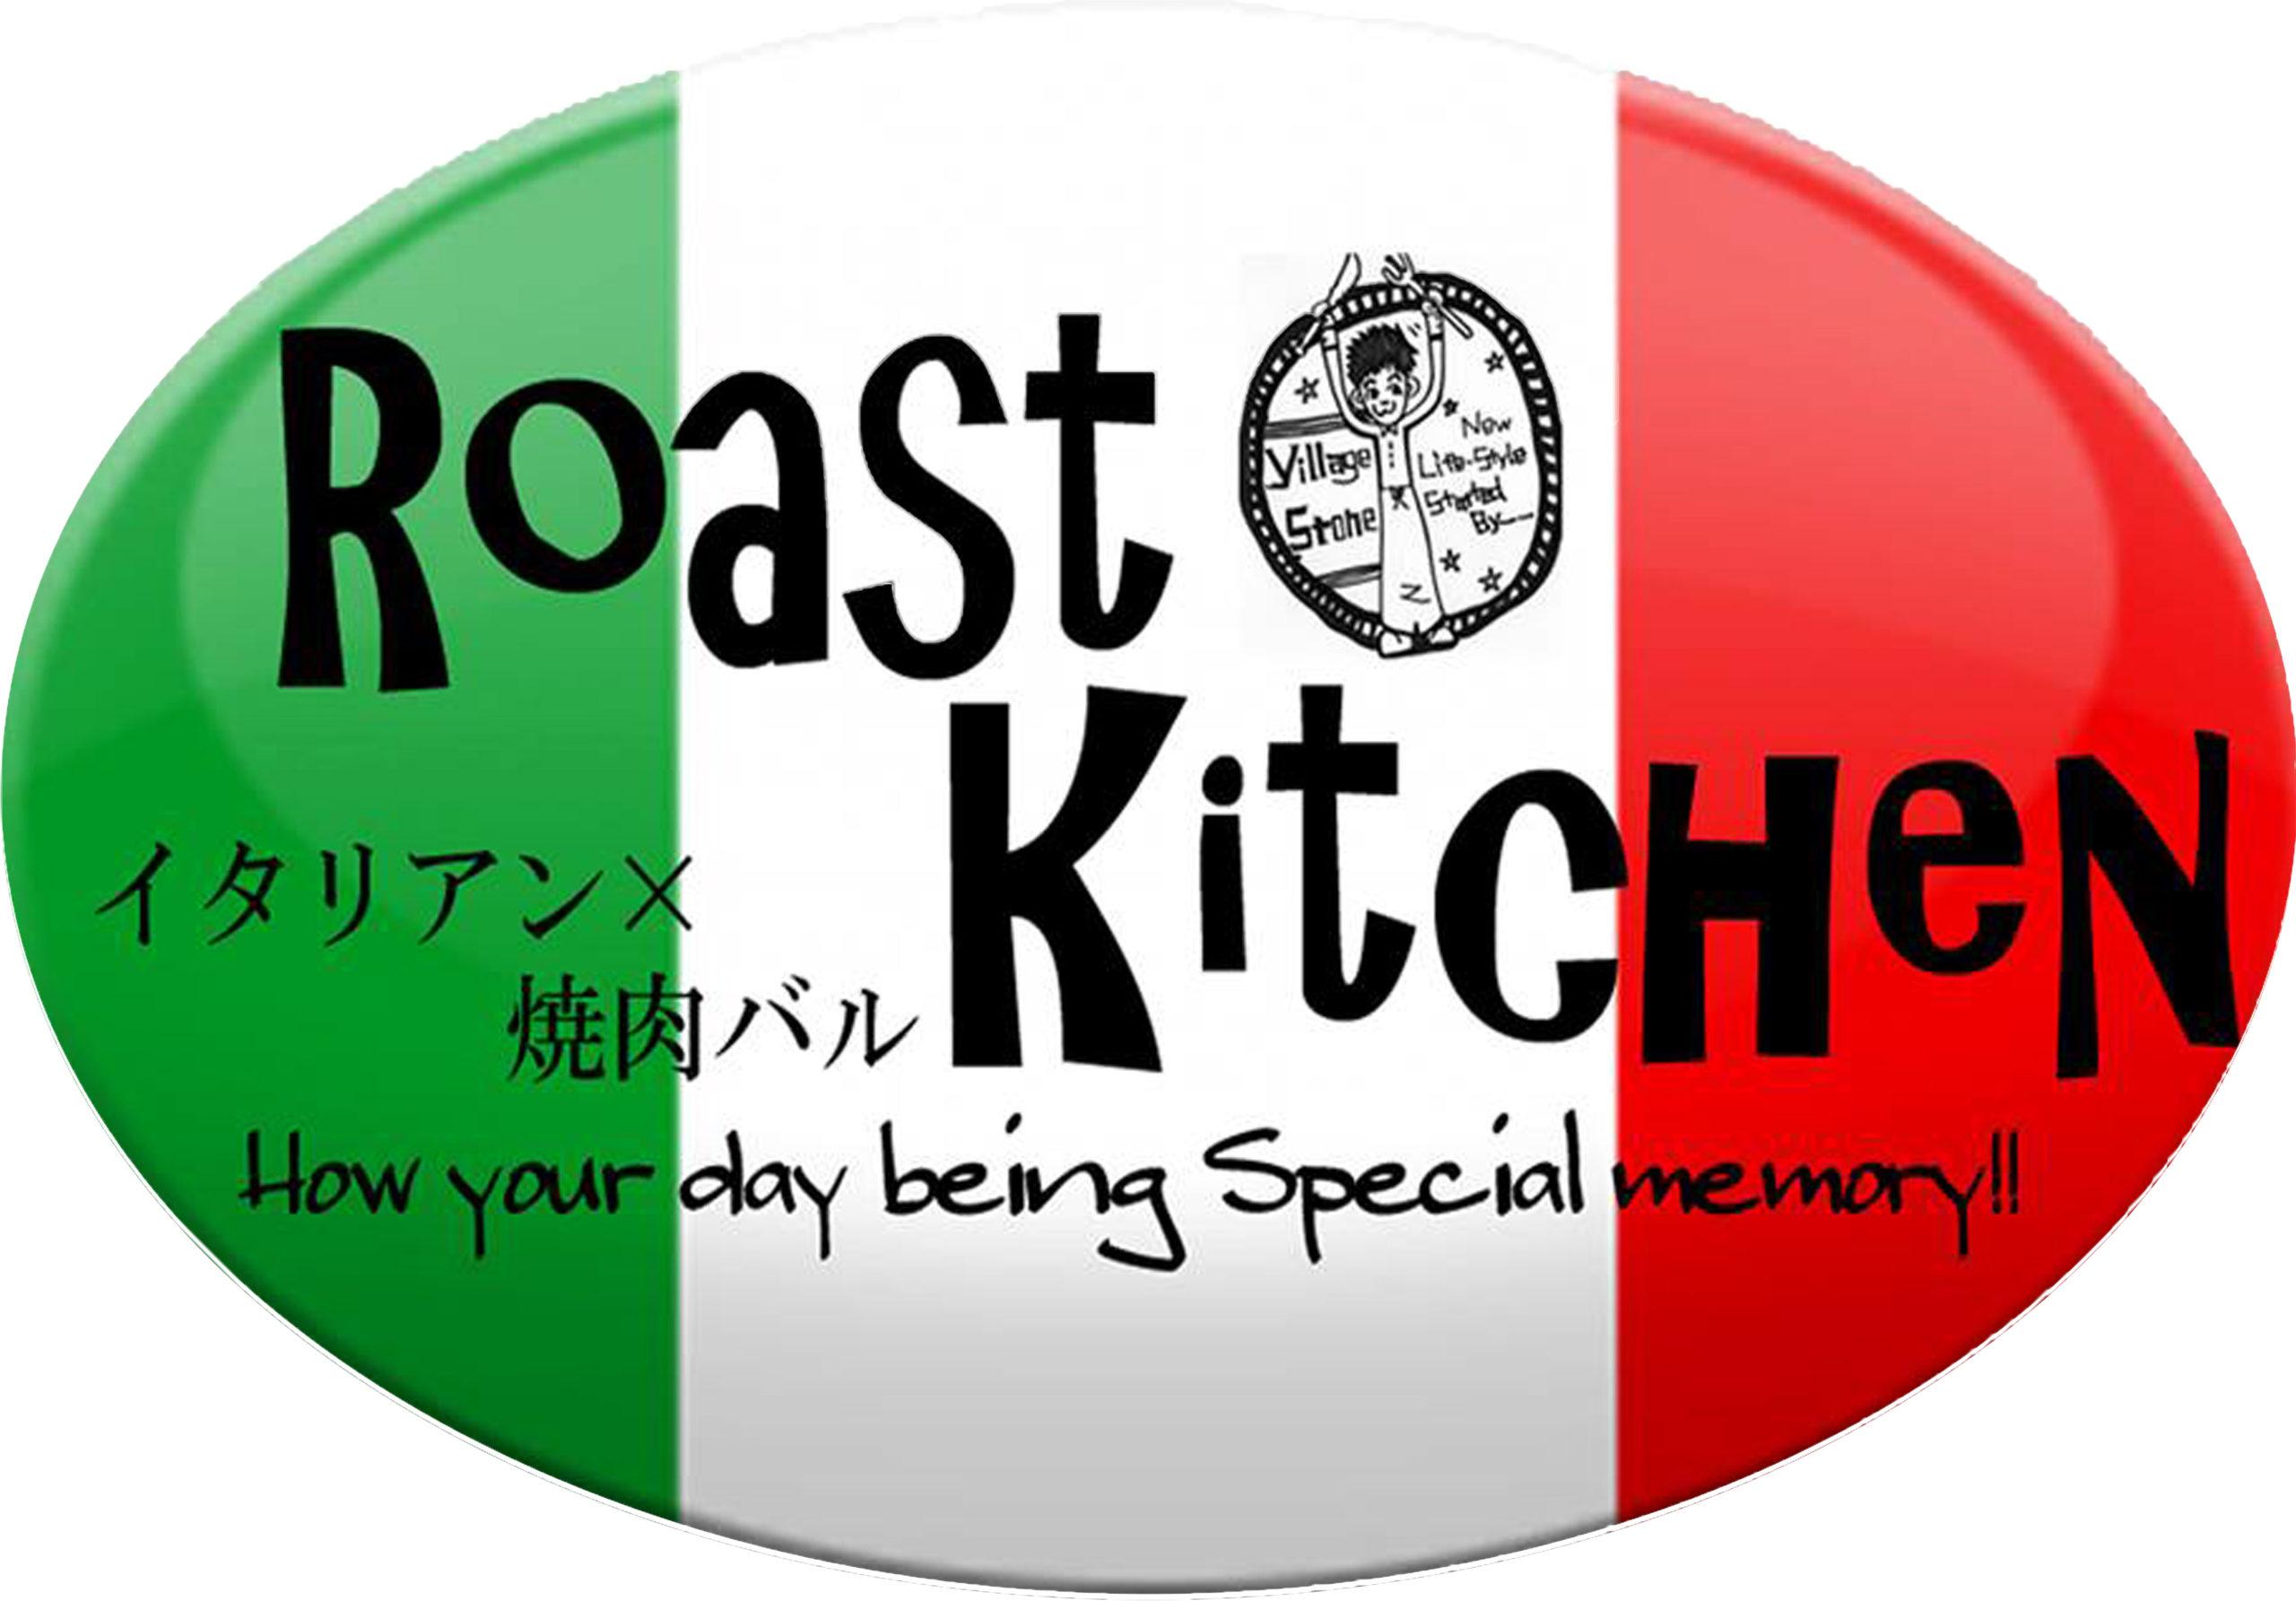 【公式テイクアウト】炭火焼肉×イタリアンローストキッチンテイクアウトメニュー